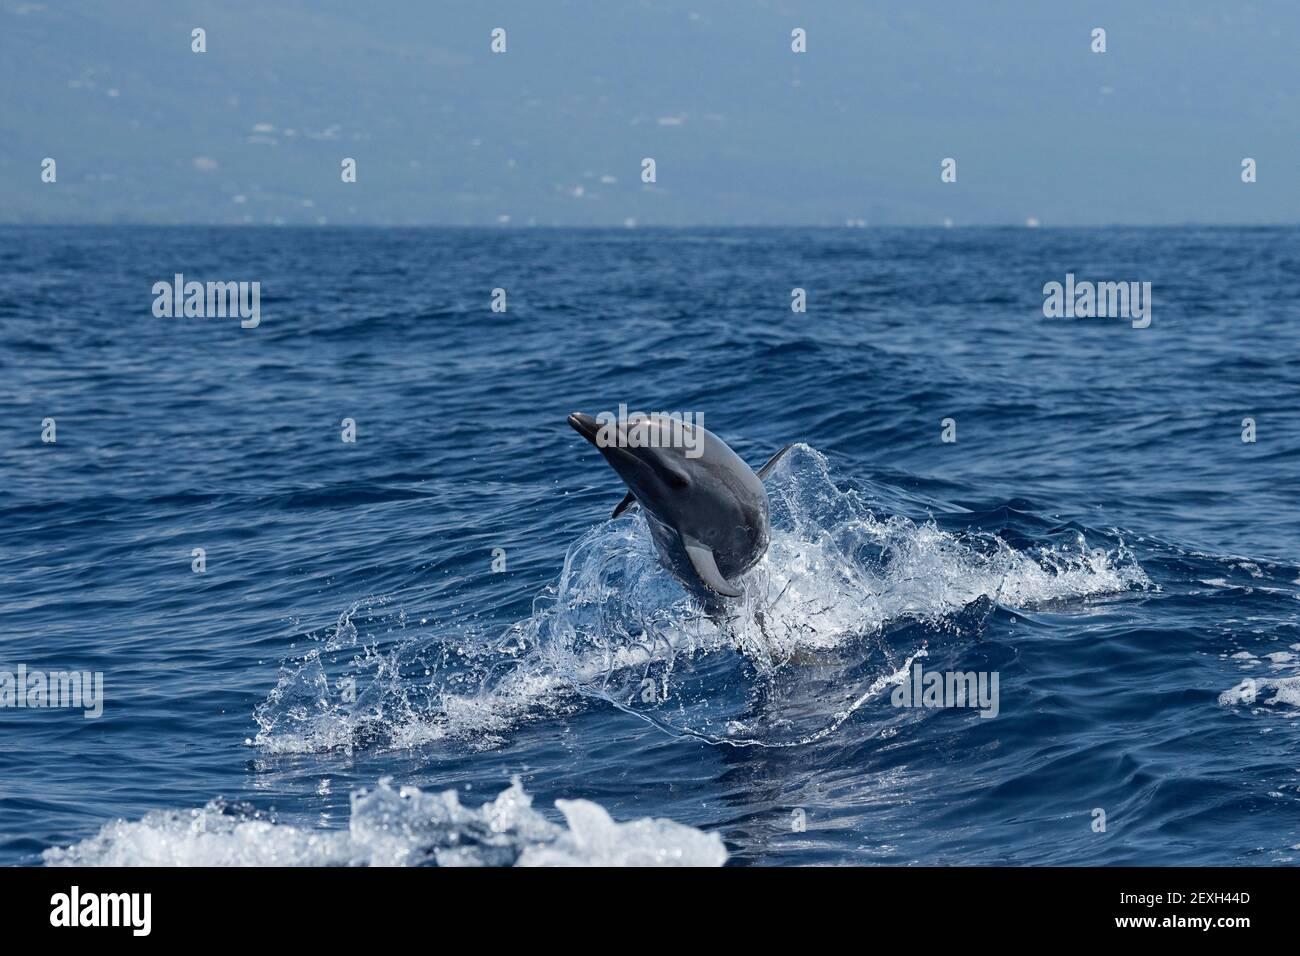 Delfín manchado pantropical, Stenella attenuata, saltando y girando en una estela de barco, flings de una hoja de 'hula skirt' de agua, South Kona, Hawaii Foto de stock